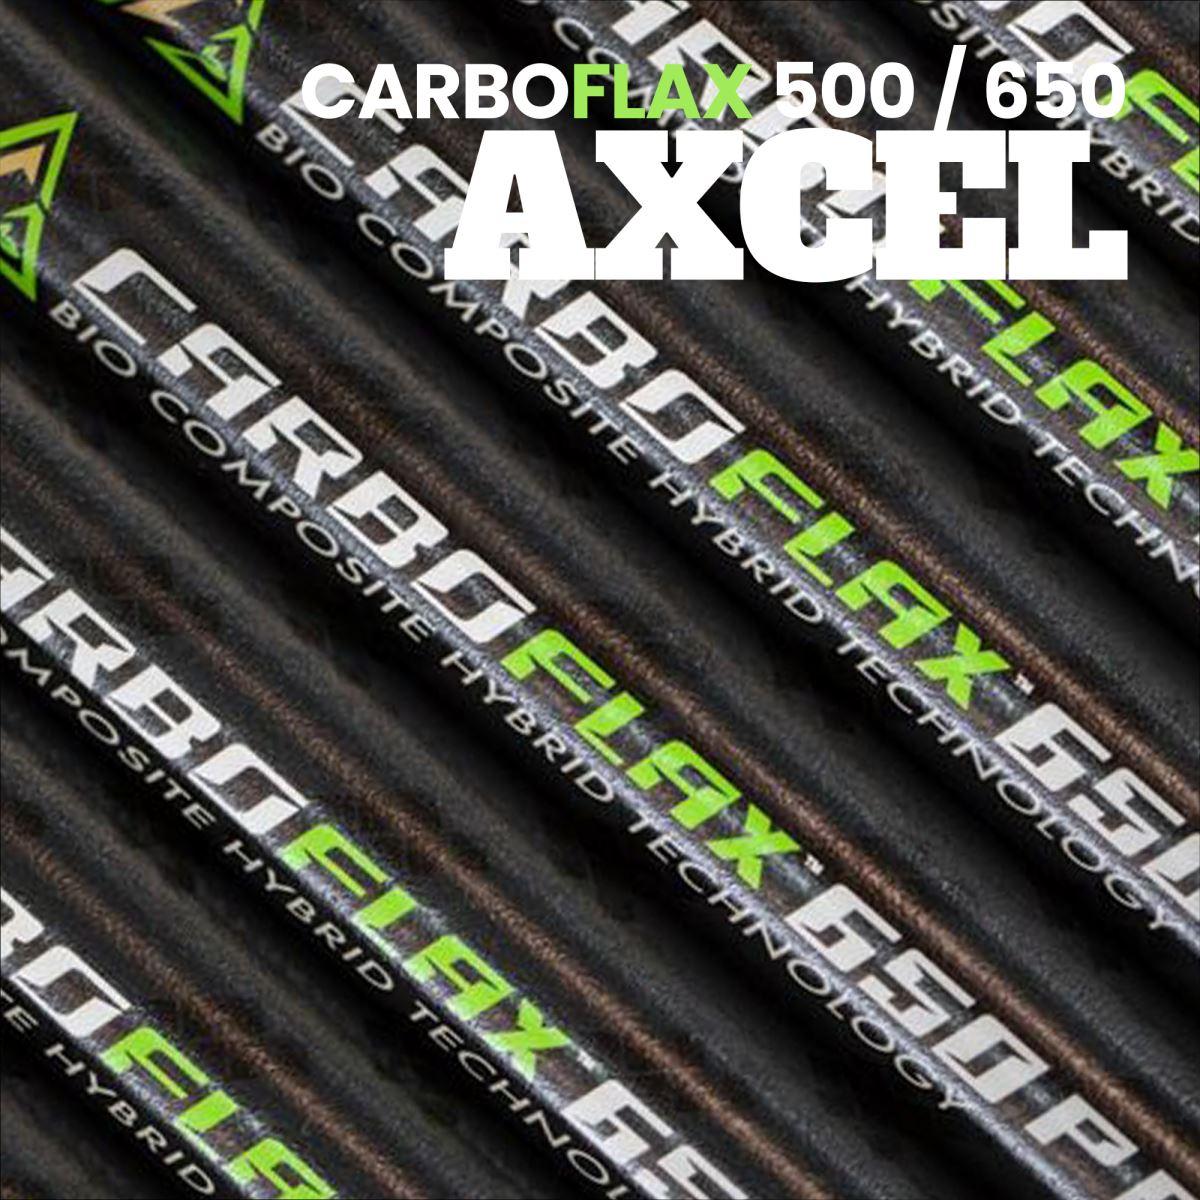 Disponibili le nuove Axcel CarboFlax, scopri la nuova Stab